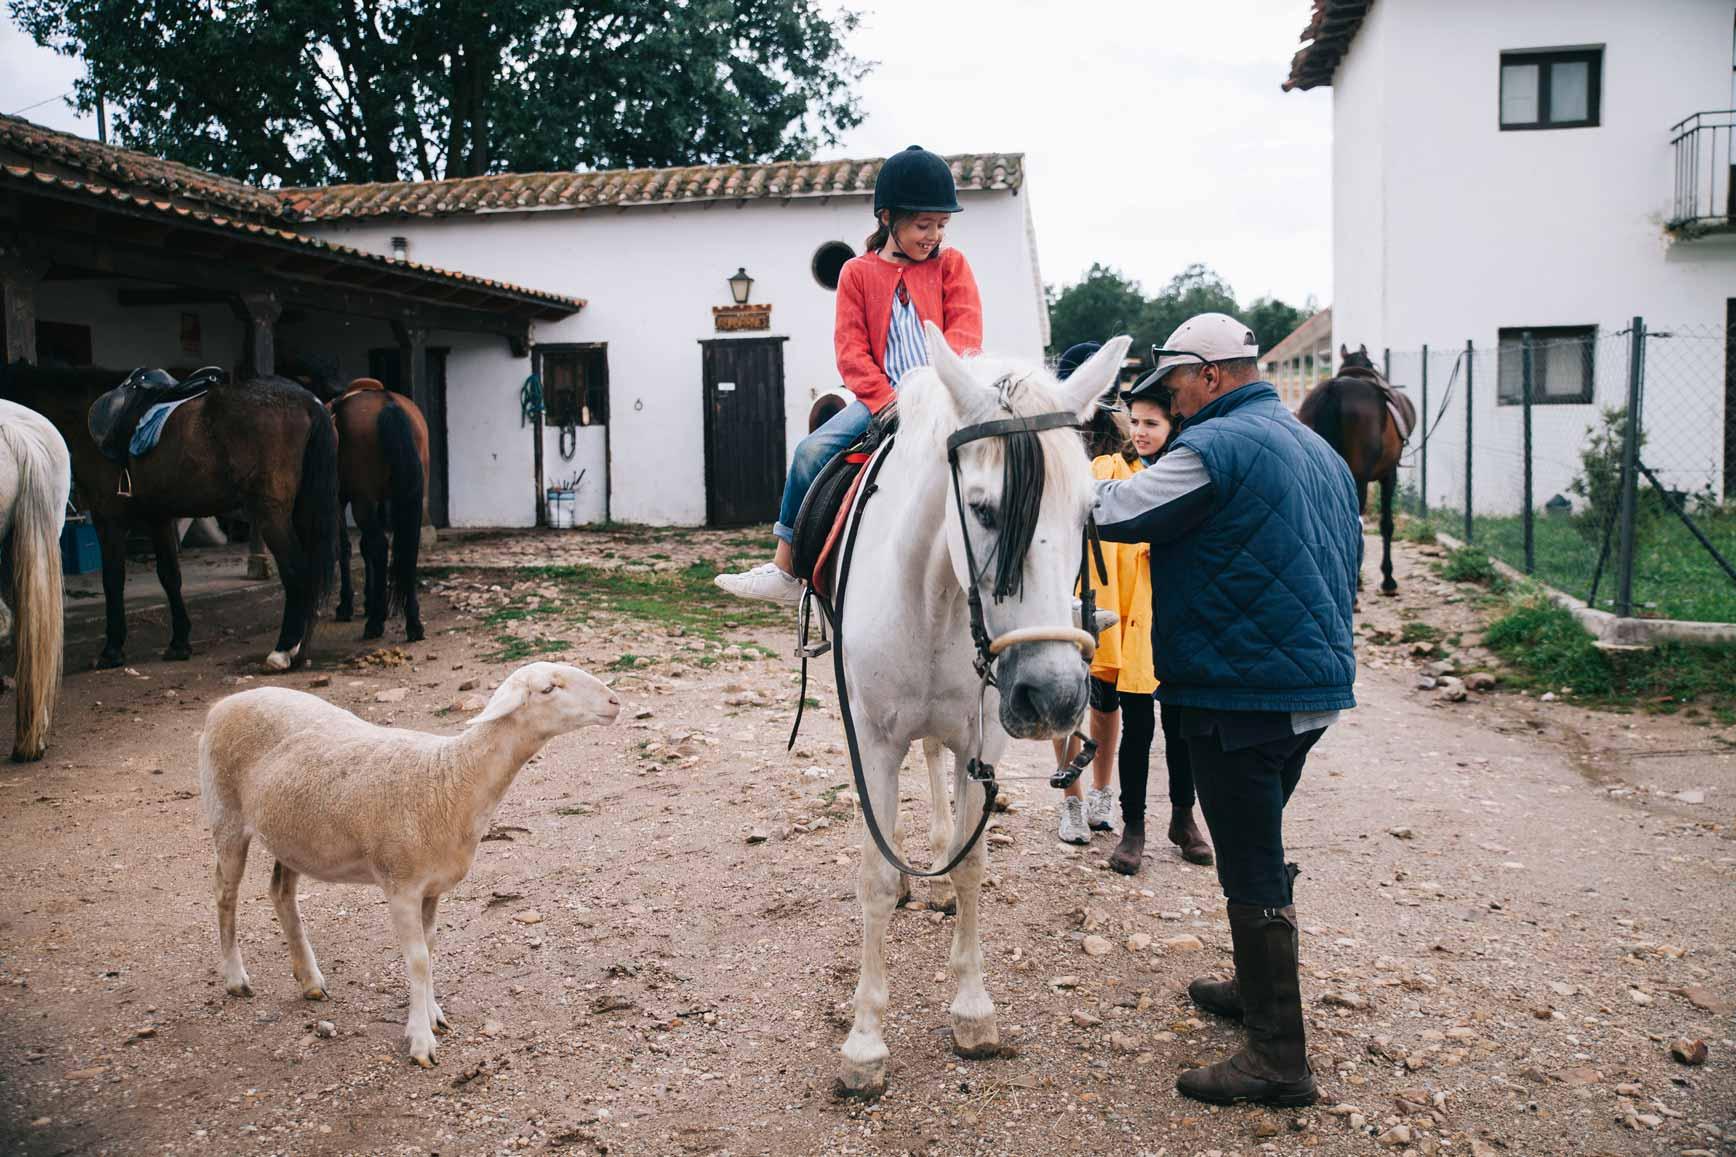 Ruta a Caballo - Caballos La Vereda_claraBmartin_40